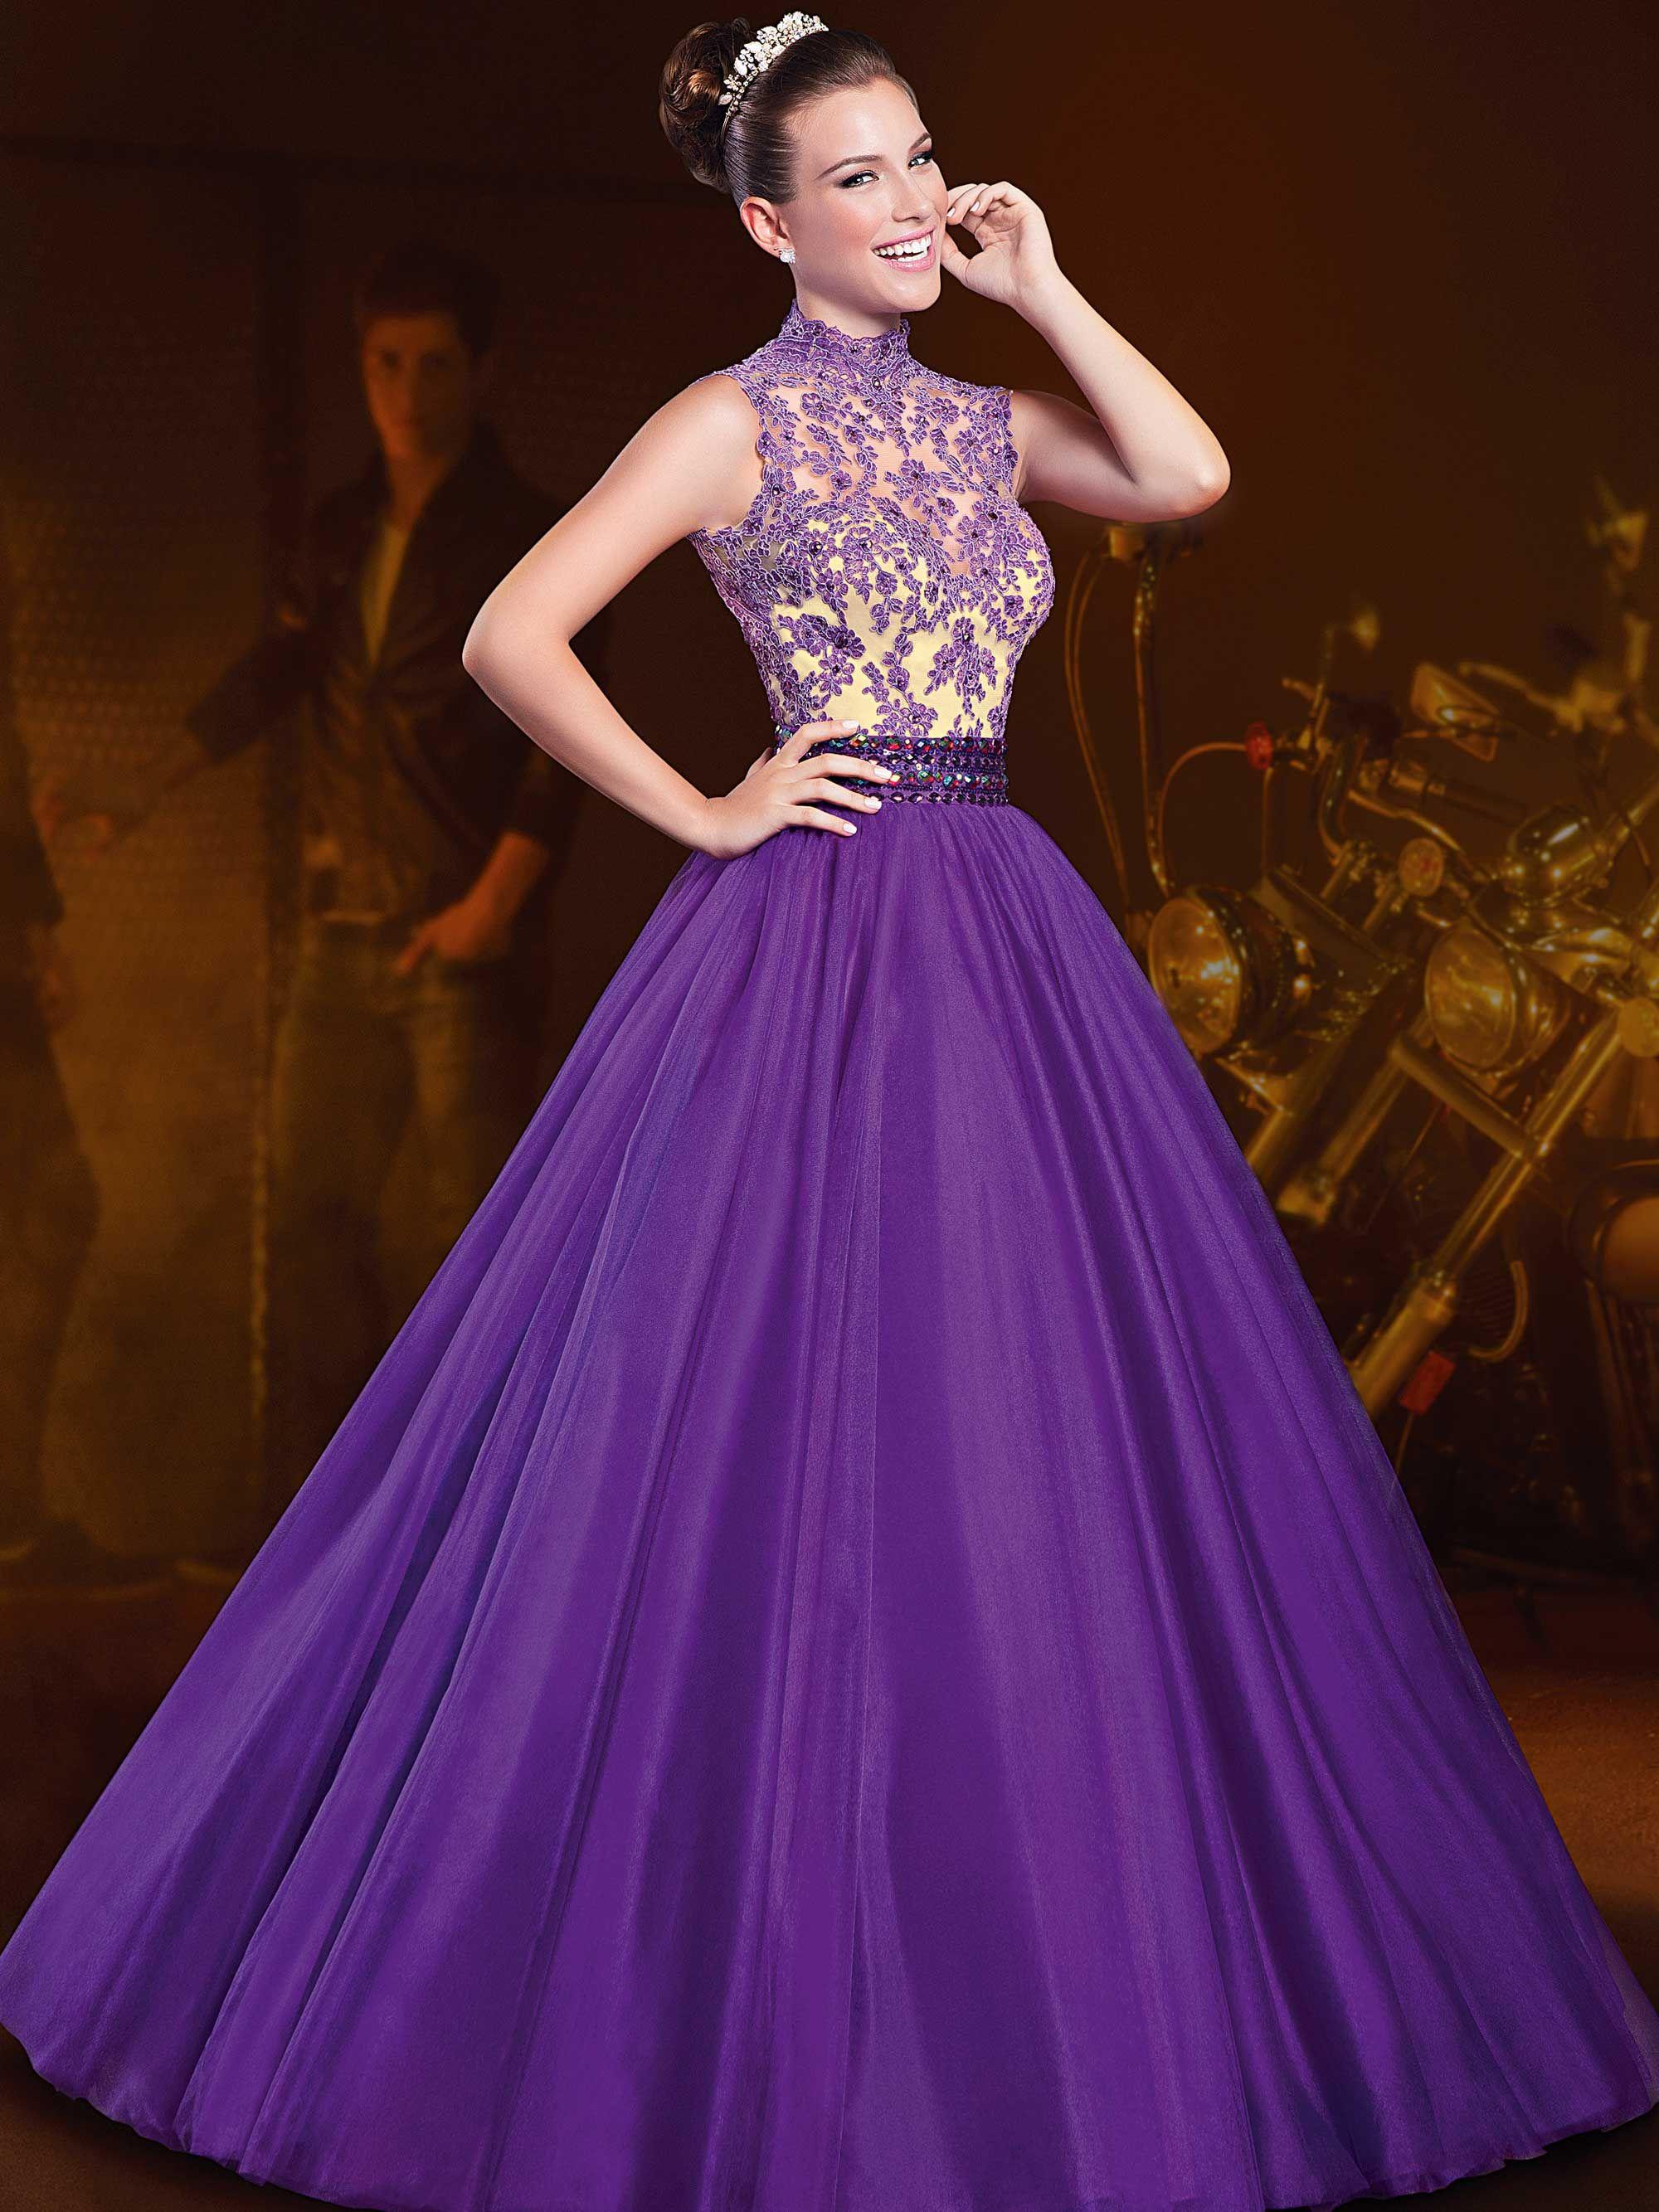 Vestidos de 15 anos 29 03 2018 pinterest vestido de for Ornamentacion de 15 anos